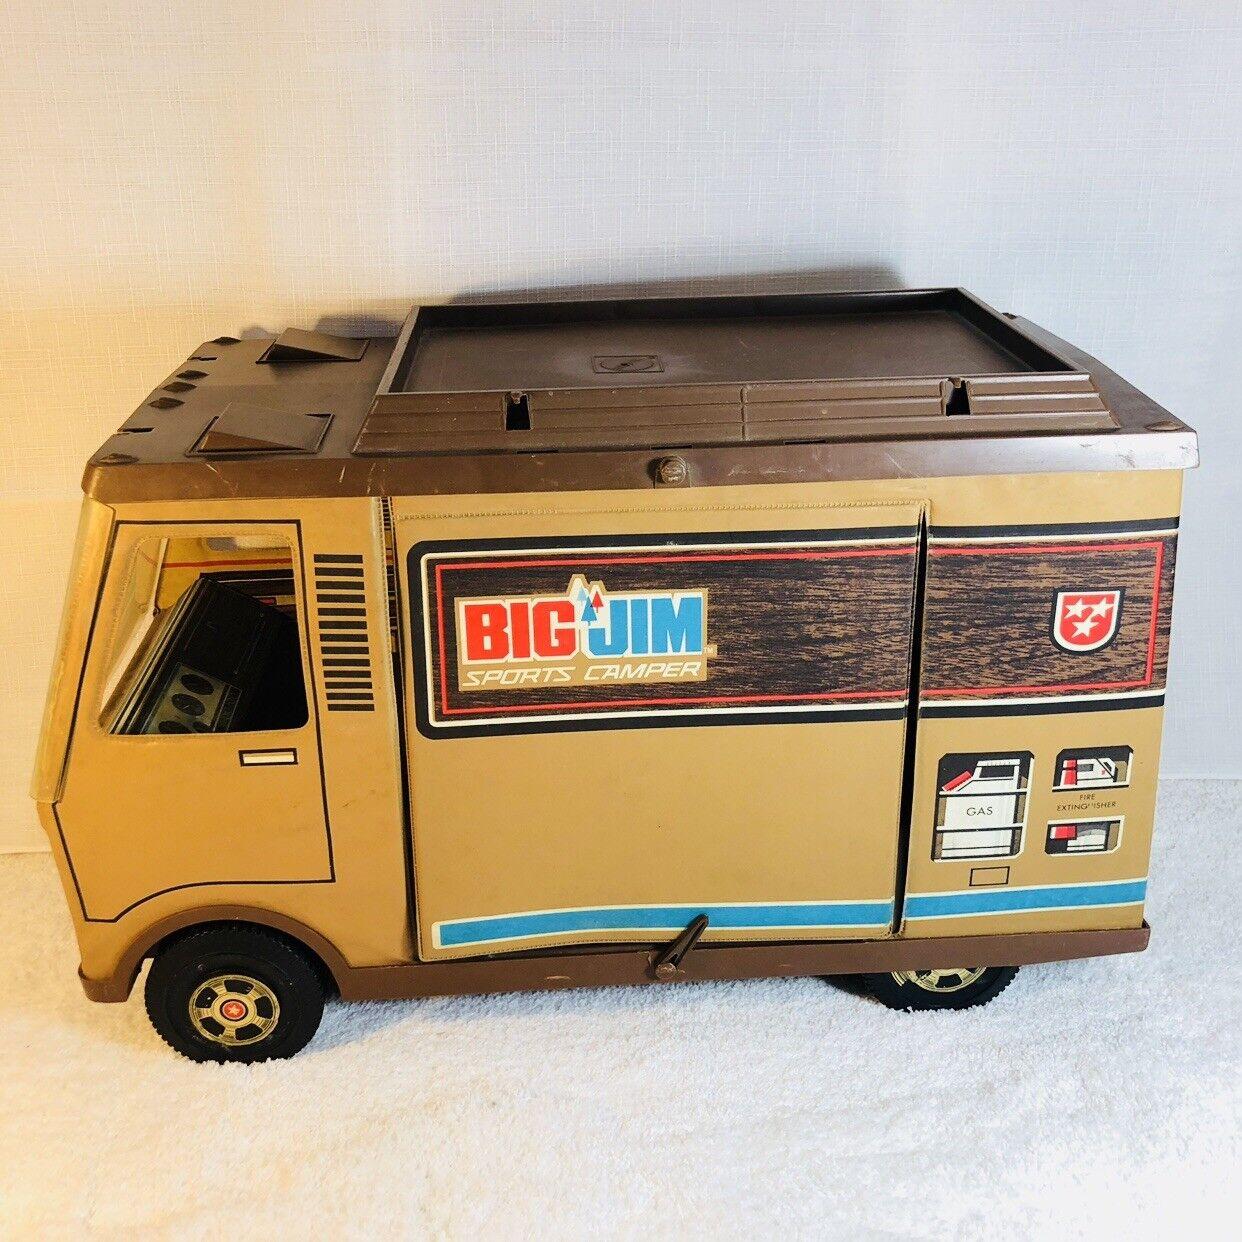 Vintage Big Jim Sports Camper Mattel 1971 No Contents